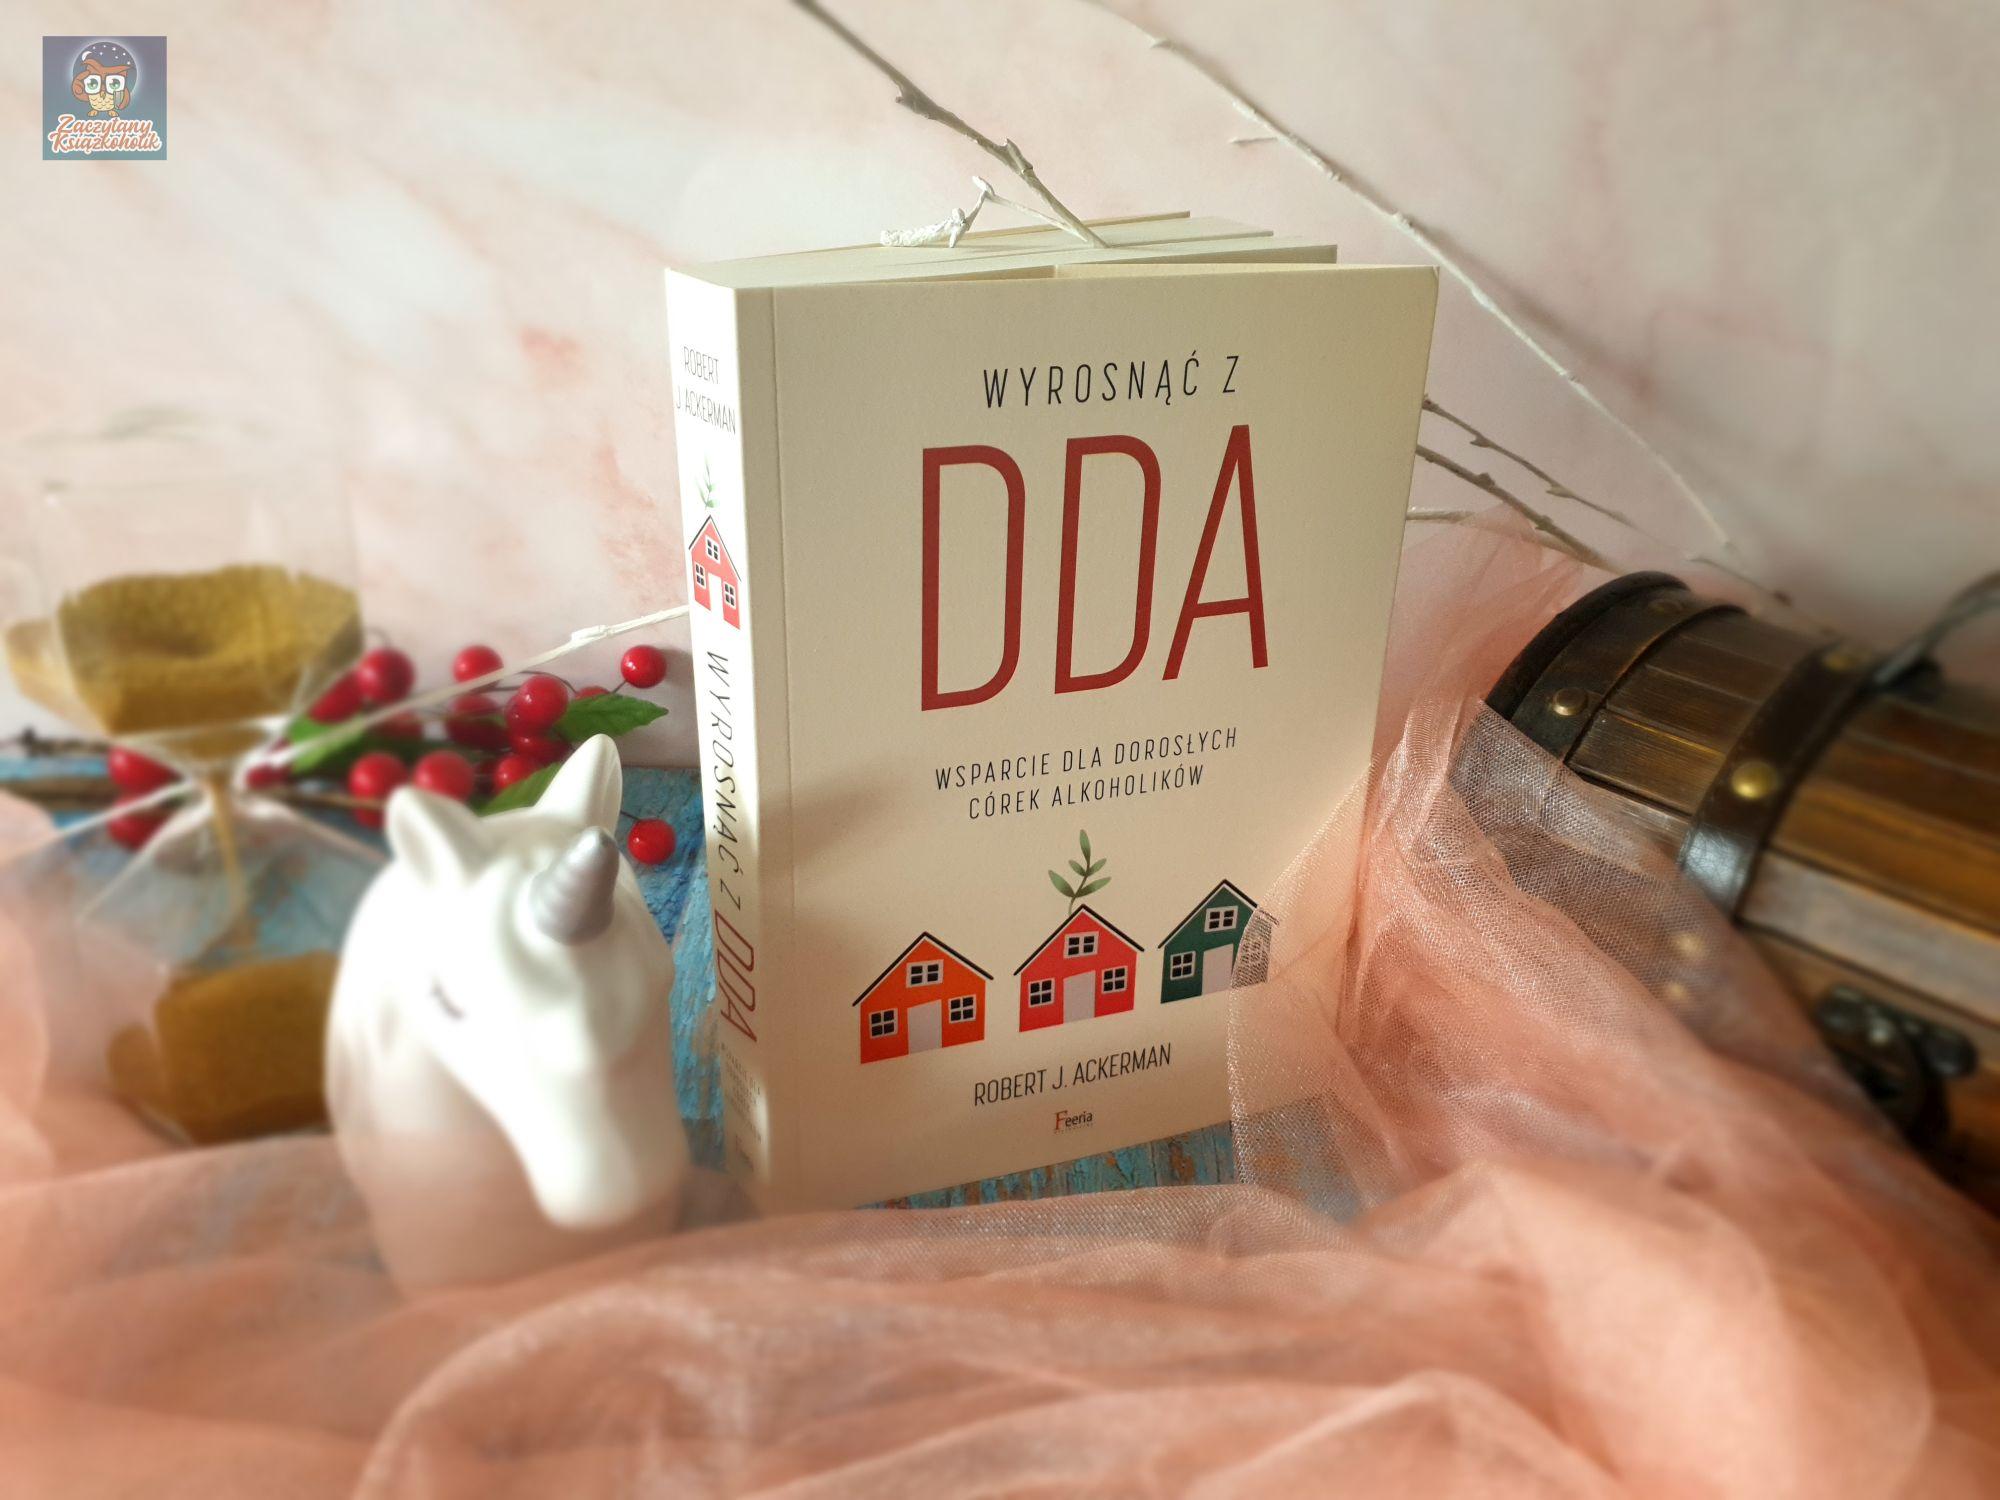 Wyrosnąć z DDA. Wsparcie dla dorosłych córek alkoholików, Robert Ackerman, zaczytanyksiazkoholik.pl